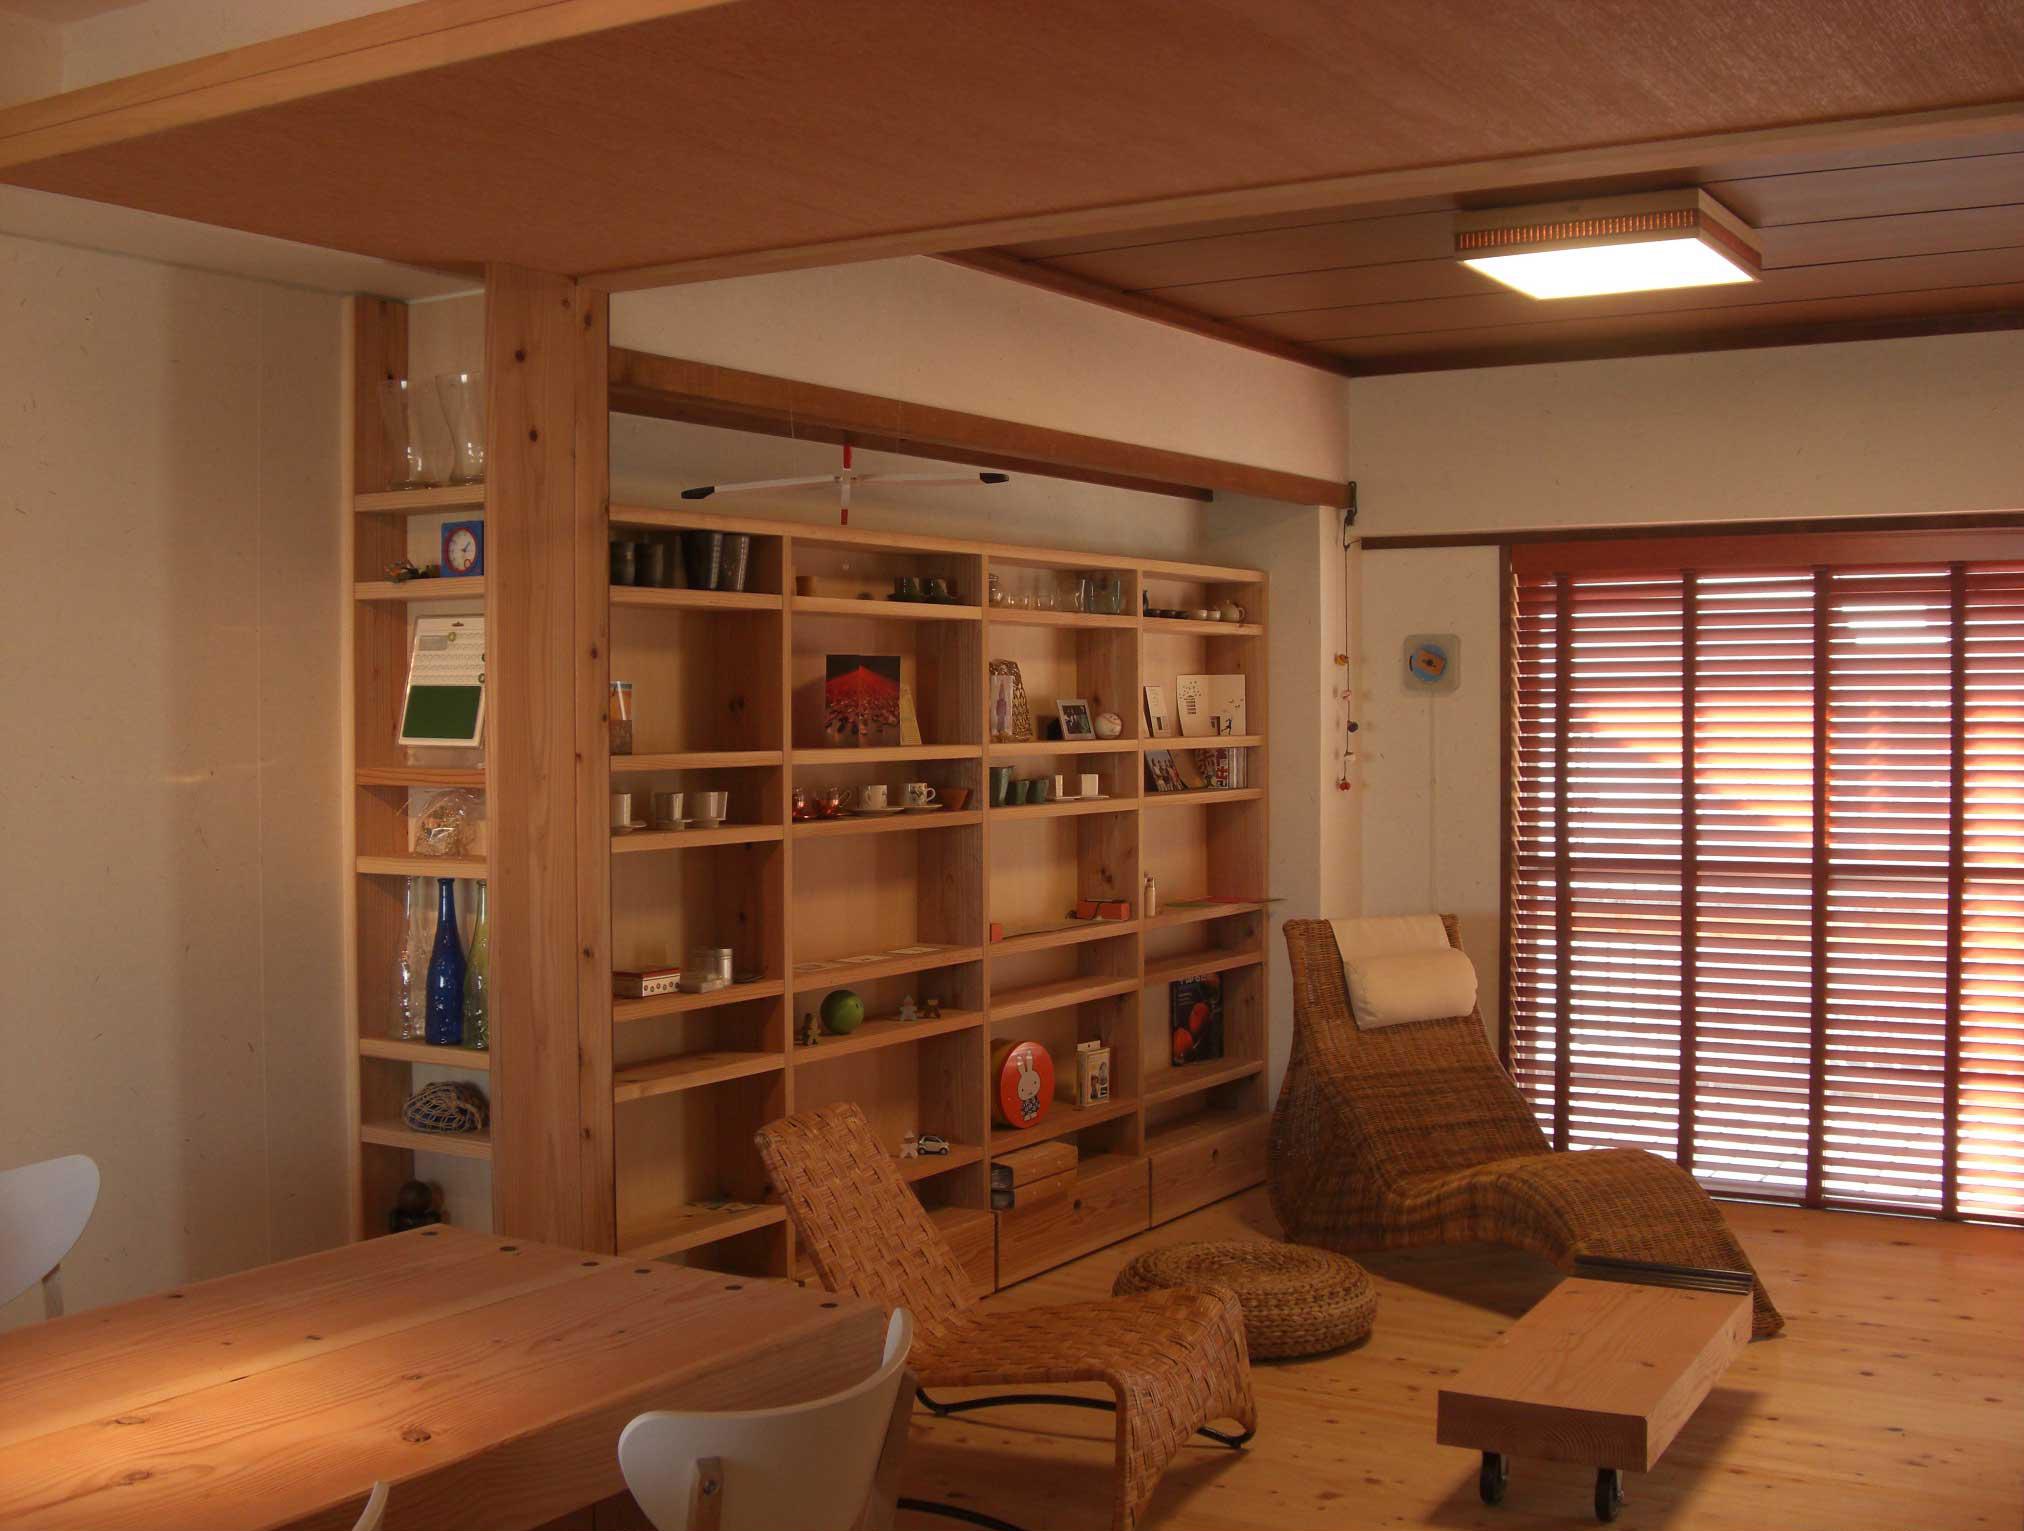 兵庫県主催「木の住まいコンクール」木心地体感ルーム公開中。